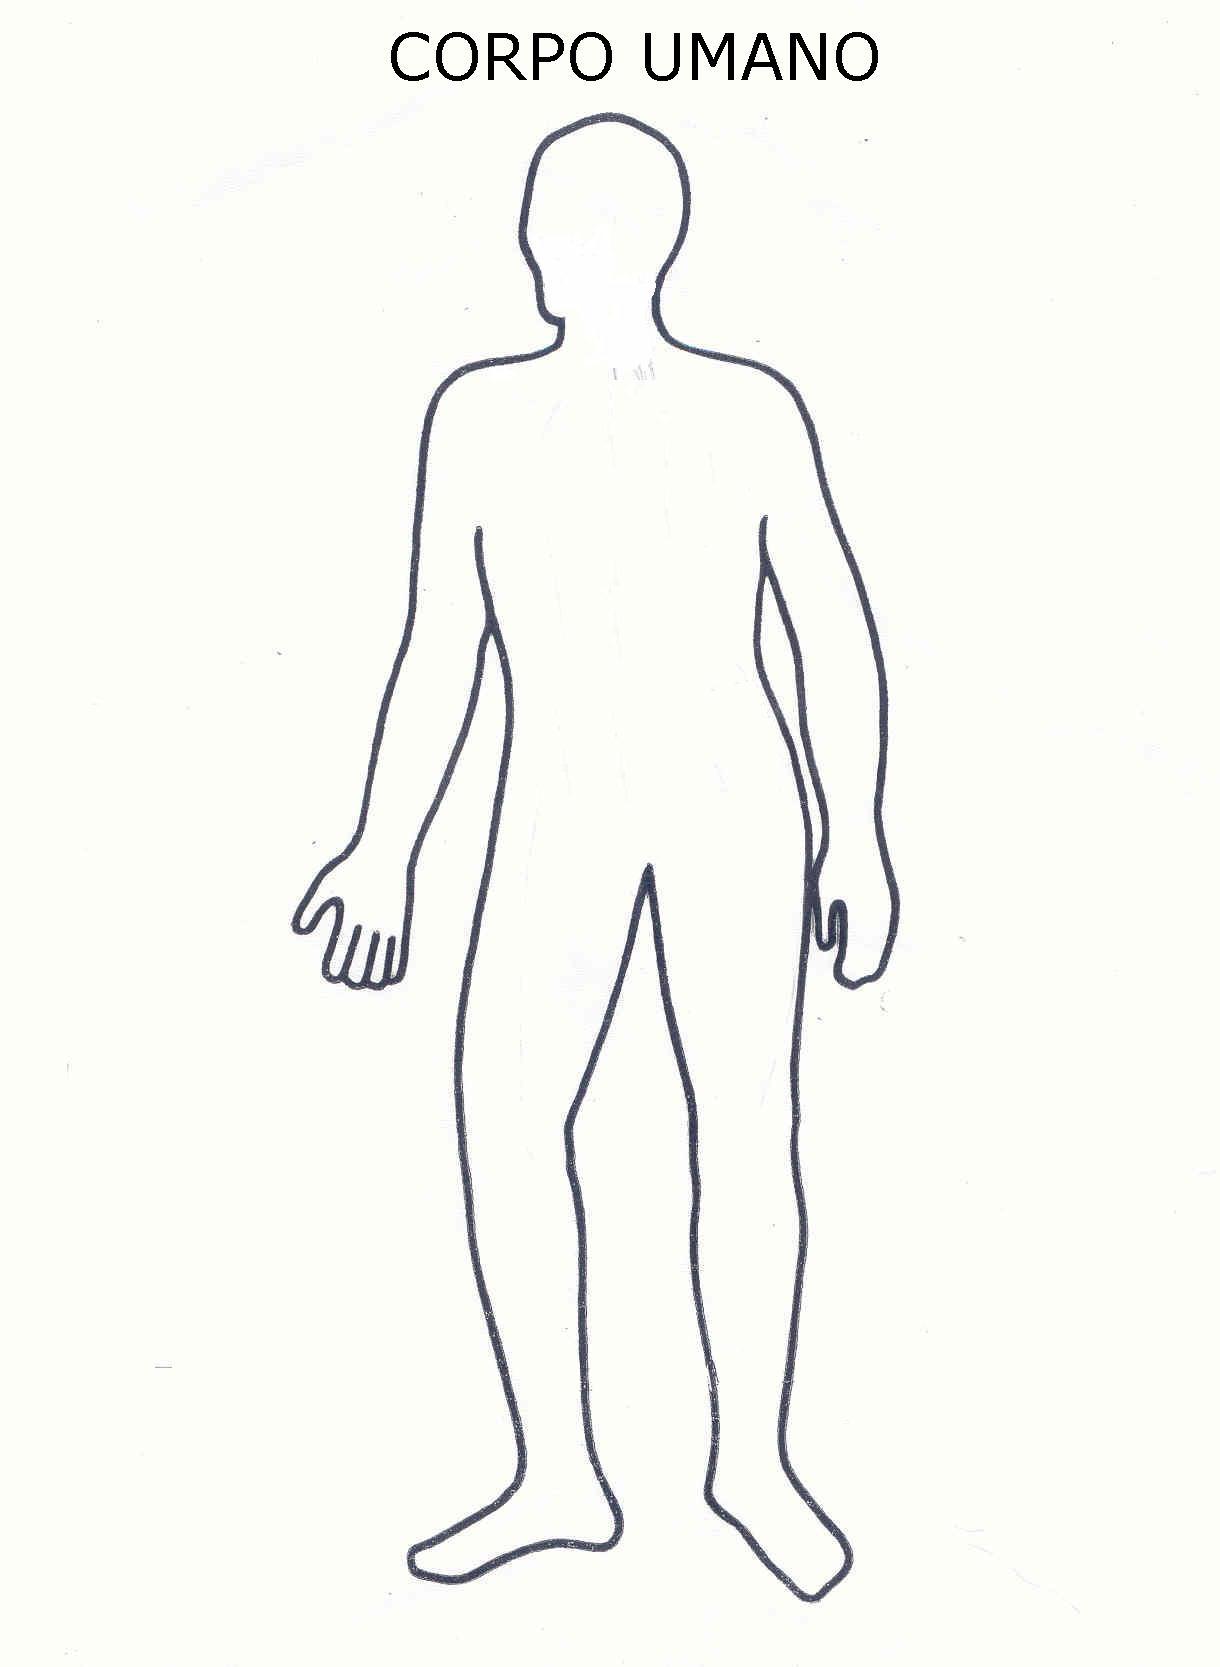 Favori Corpo Umano, Disegni per bambini da colorare ZE91